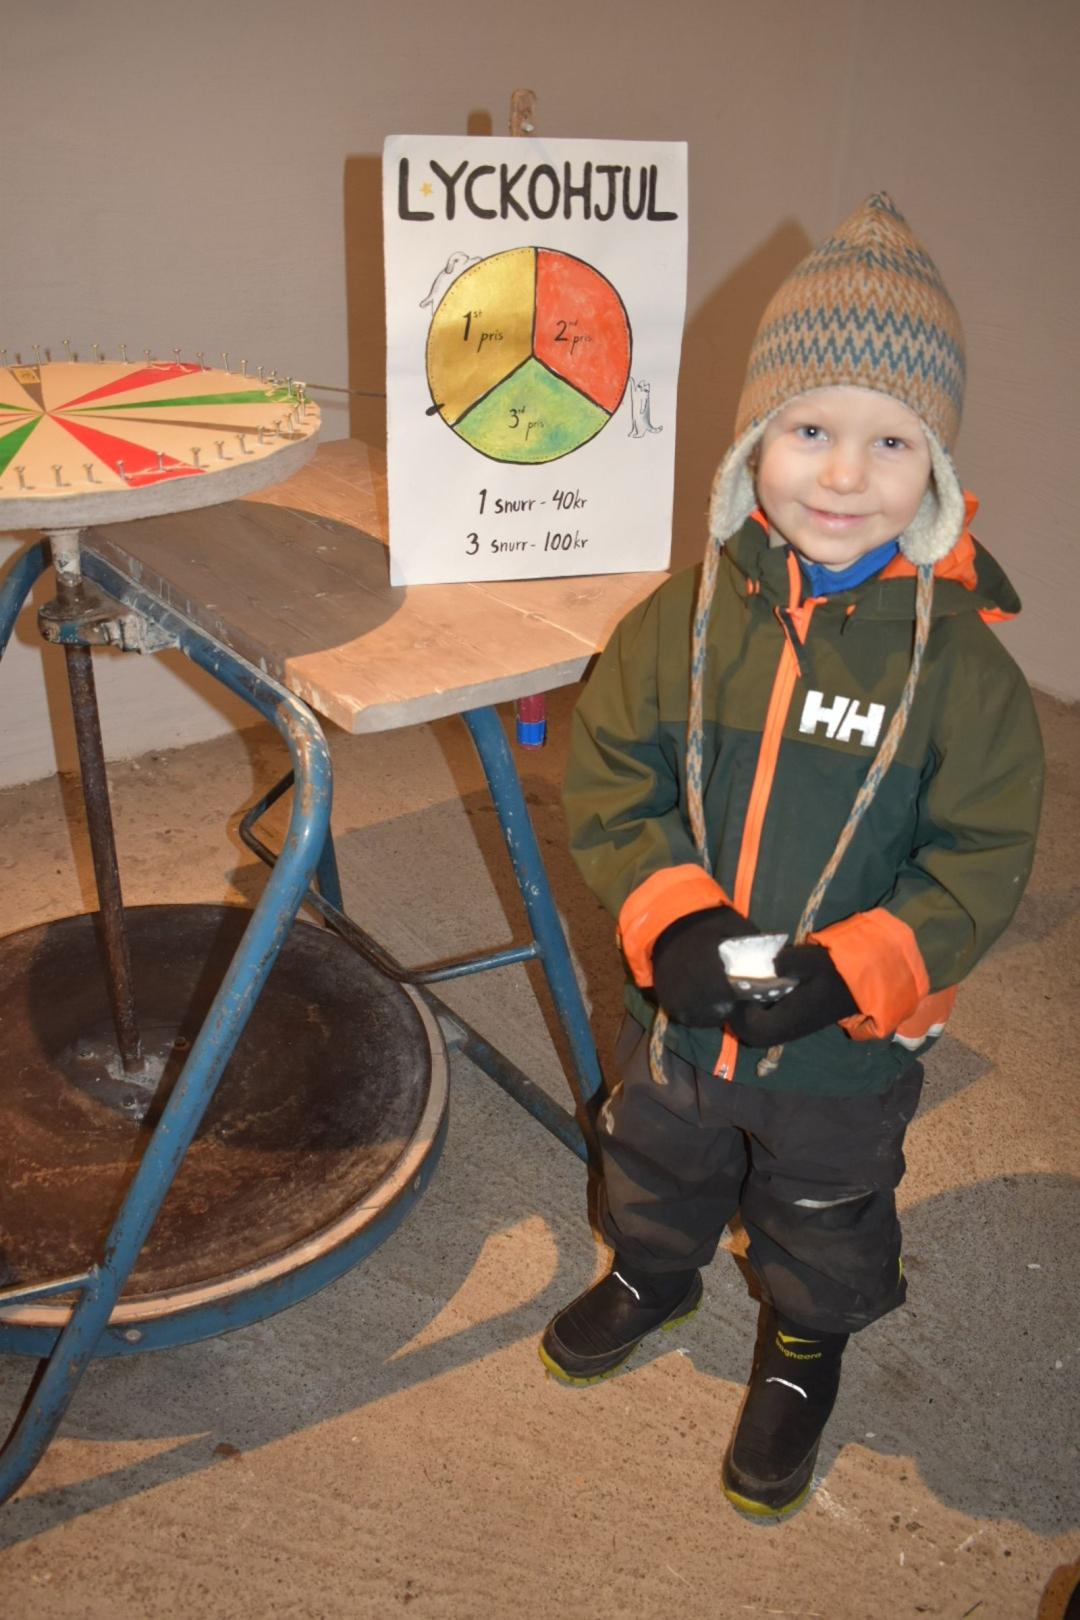 Ture Lagerqvist vann första pris på Keramikkursens lyckohjul och fick välja fritt från prisbordet. Han valde en svamp i keramik eftersom han älskar svampar.